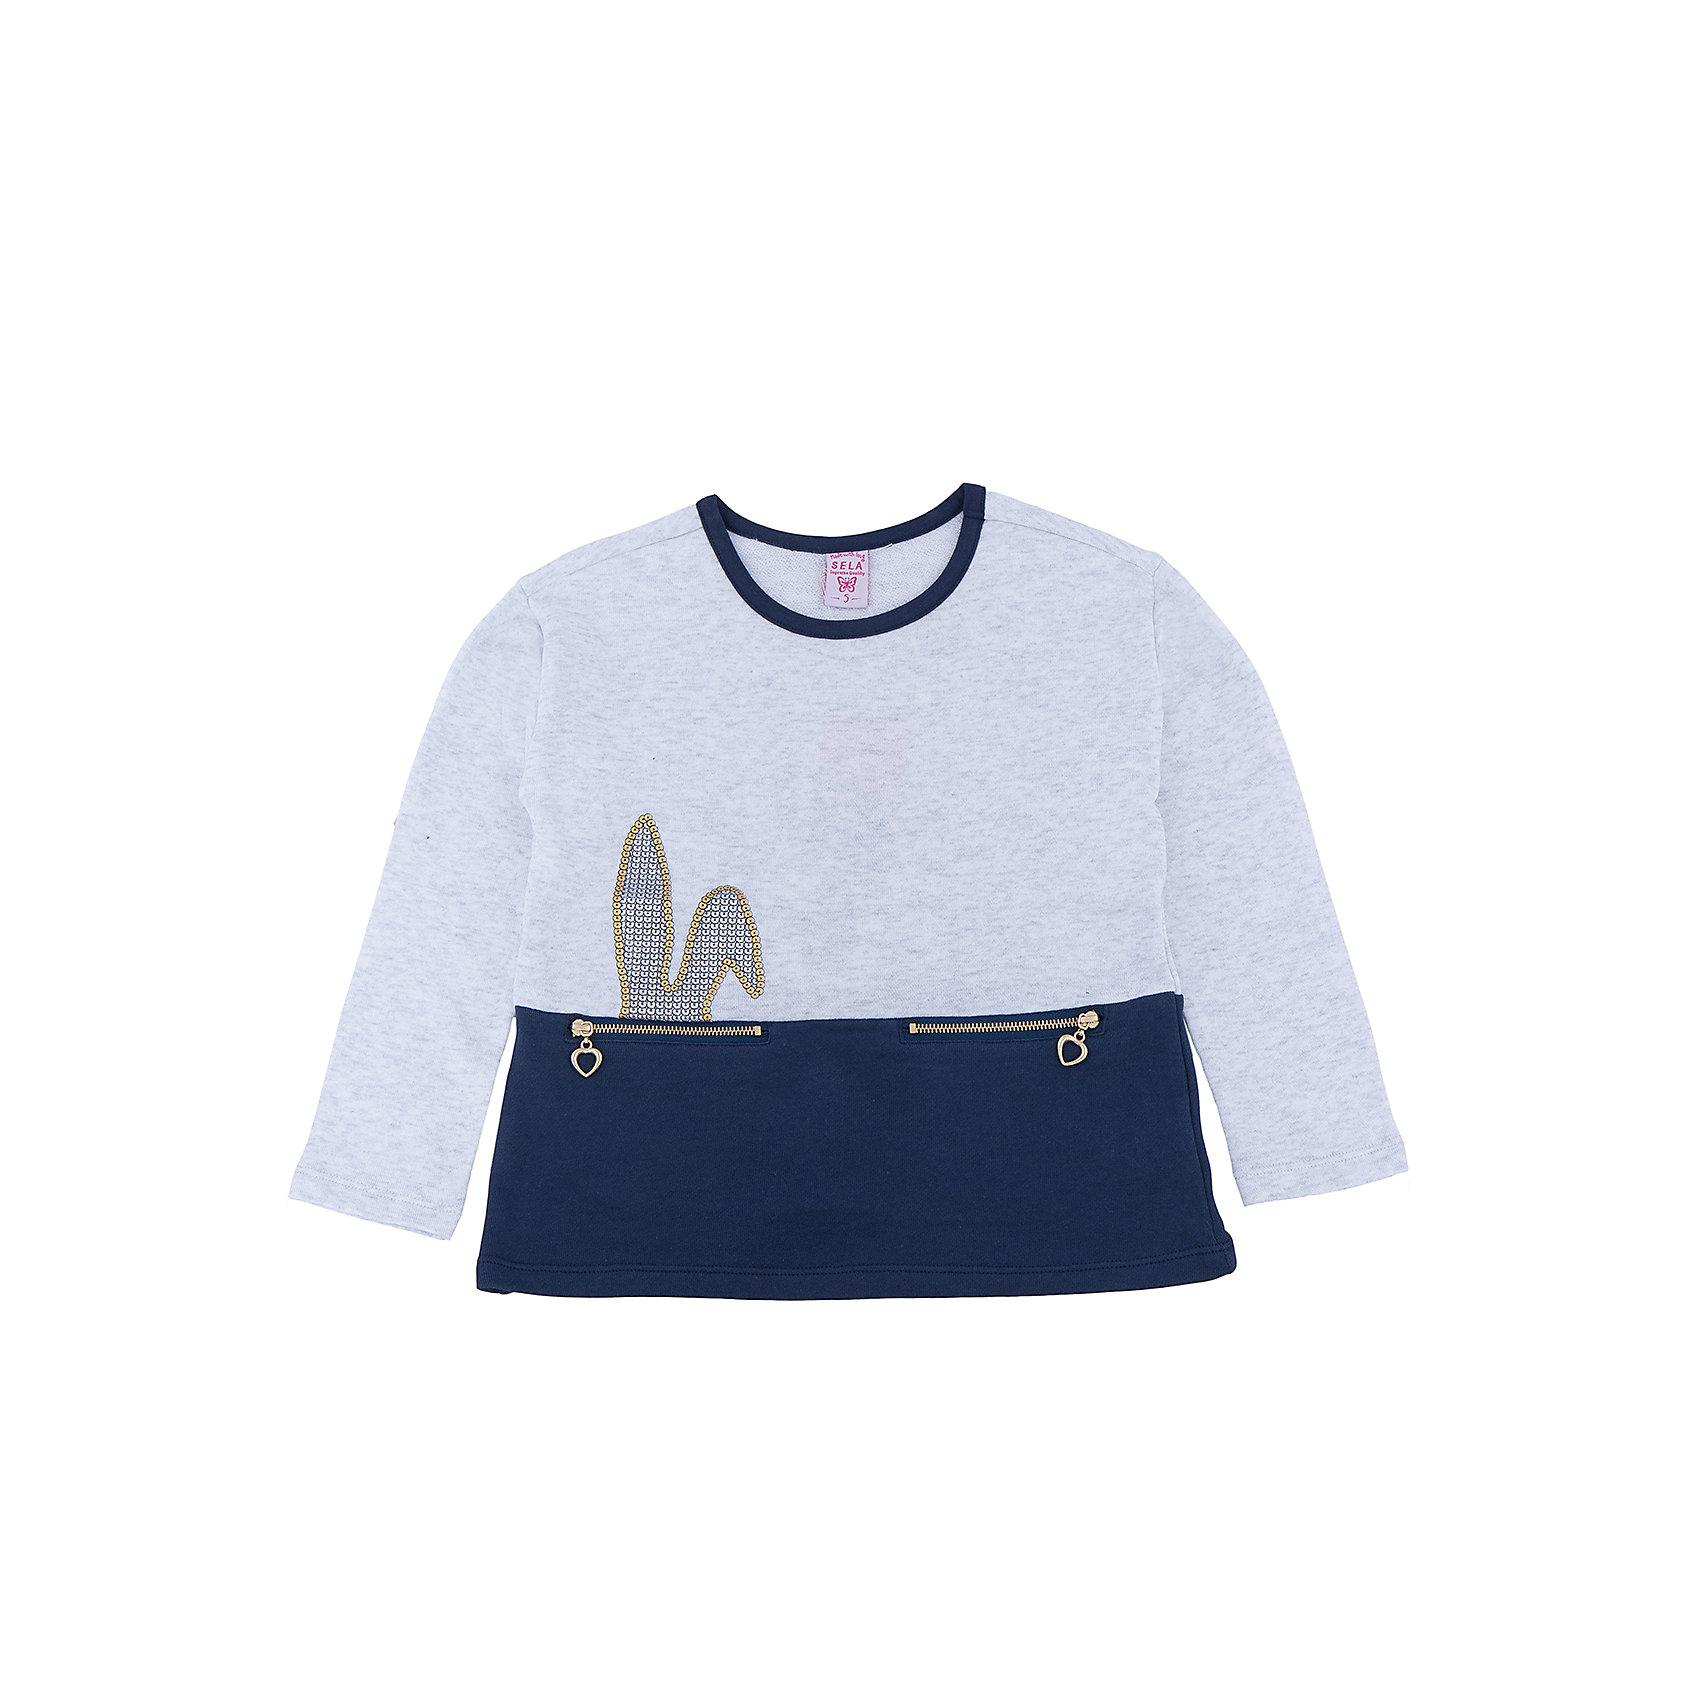 Футболка с длинным рукавом для девочкиФутболка с длинным рукавом для девочки из коллекции осень-зима 2016-2017 от известного бренда SELA. Удобный хлопковый джемпер на каждый день. Приятный светло-серый цвет в сочетании с темно-синим и кроличьими ушками из пайеток придут по вкусу модницам и любительницам животных. Джемпер отлично подойдет к юбкам и к джинсам.<br><br>Дополнительная информация:<br>- Длина: удлиненная<br>- Рукав: длинный<br>- Силуэт: прямой, слегка расширенный<br>Состав: 100% хлопок <br><br>Футболка с длинным рукавом для девочек Sela можно купить в нашем интернет-магазине.<br><br>Подробнее:<br>• Для детей в возрасте: от 2 до 6 лет<br>• Номер товара: 4913469<br>Страна производитель: Китай<br><br>Ширина мм: 190<br>Глубина мм: 74<br>Высота мм: 229<br>Вес г: 236<br>Цвет: серый<br>Возраст от месяцев: 24<br>Возраст до месяцев: 36<br>Пол: Женский<br>Возраст: Детский<br>Размер: 116,98,92,104,110<br>SKU: 4913468